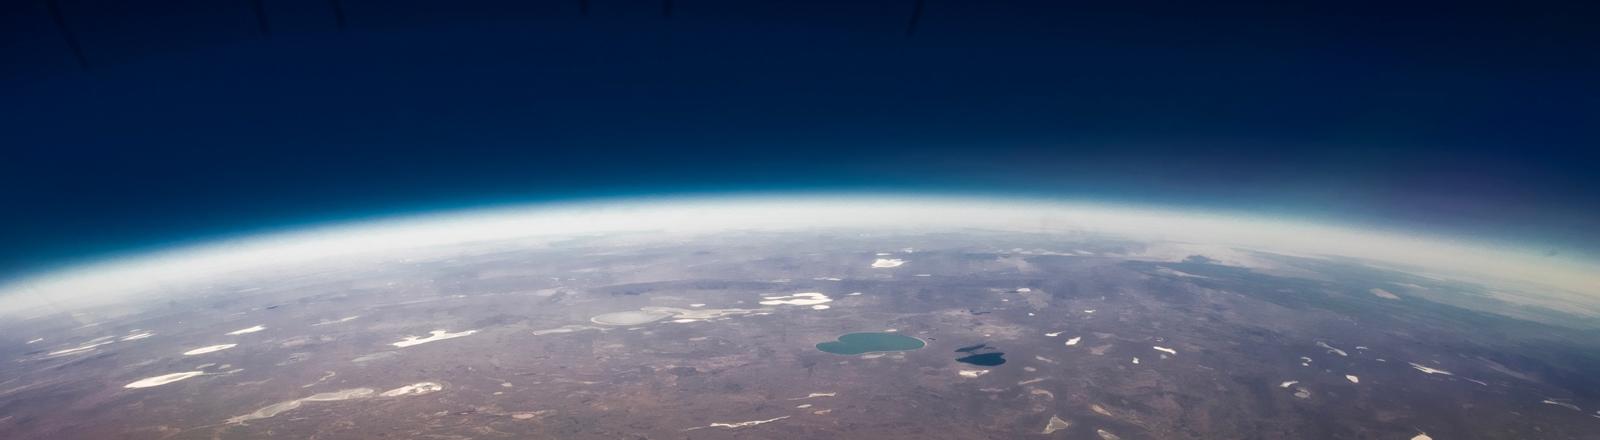 Blick auf Erde aus Weltraum